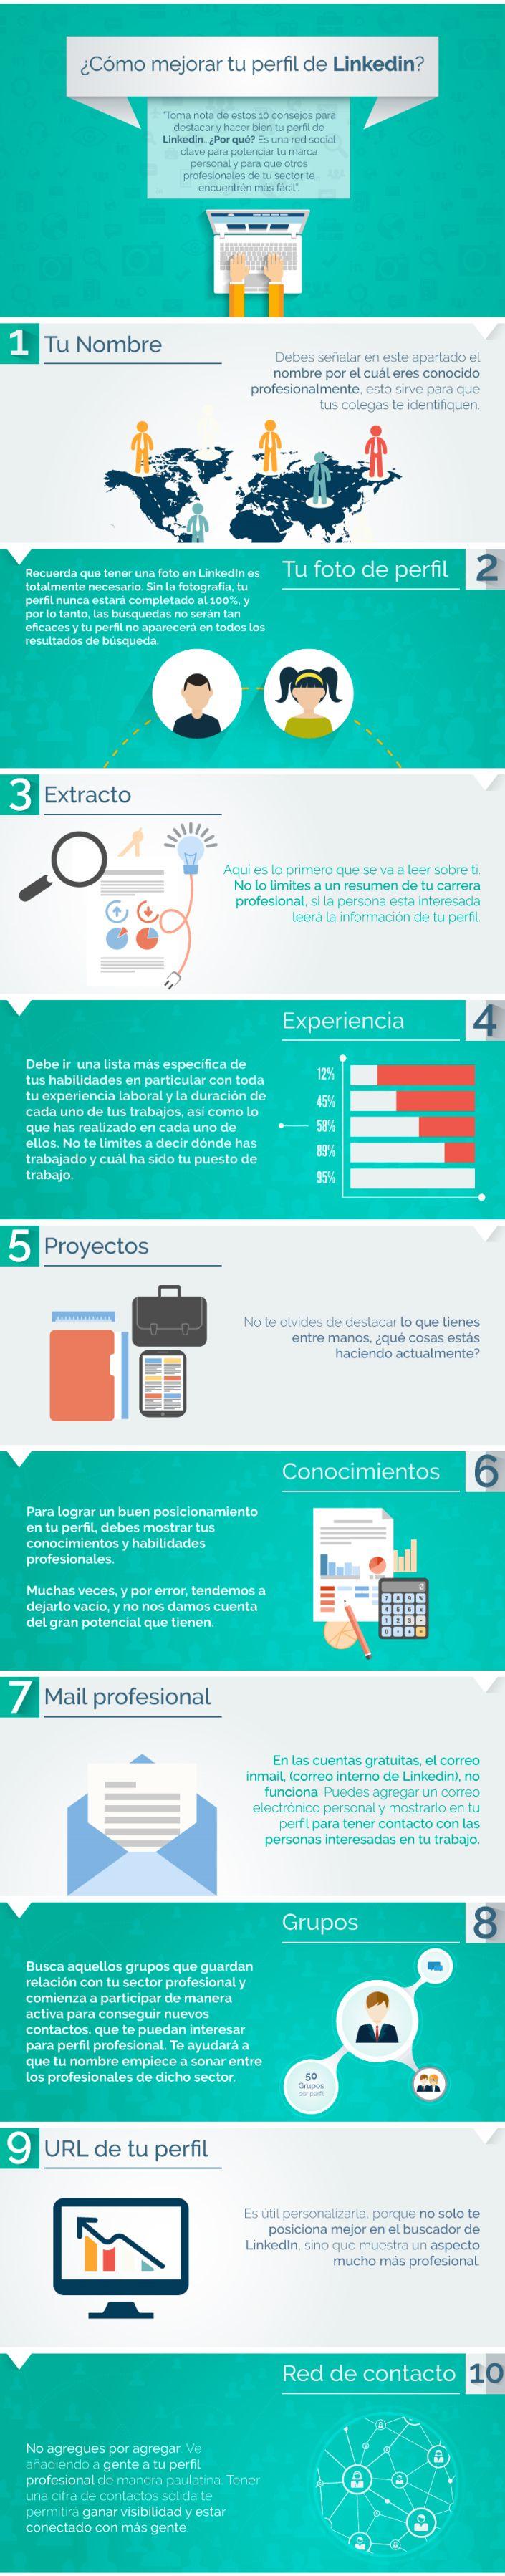 10 consejos para mejorar tu perfil de Linkedin #infografia #infographic #socialmedia